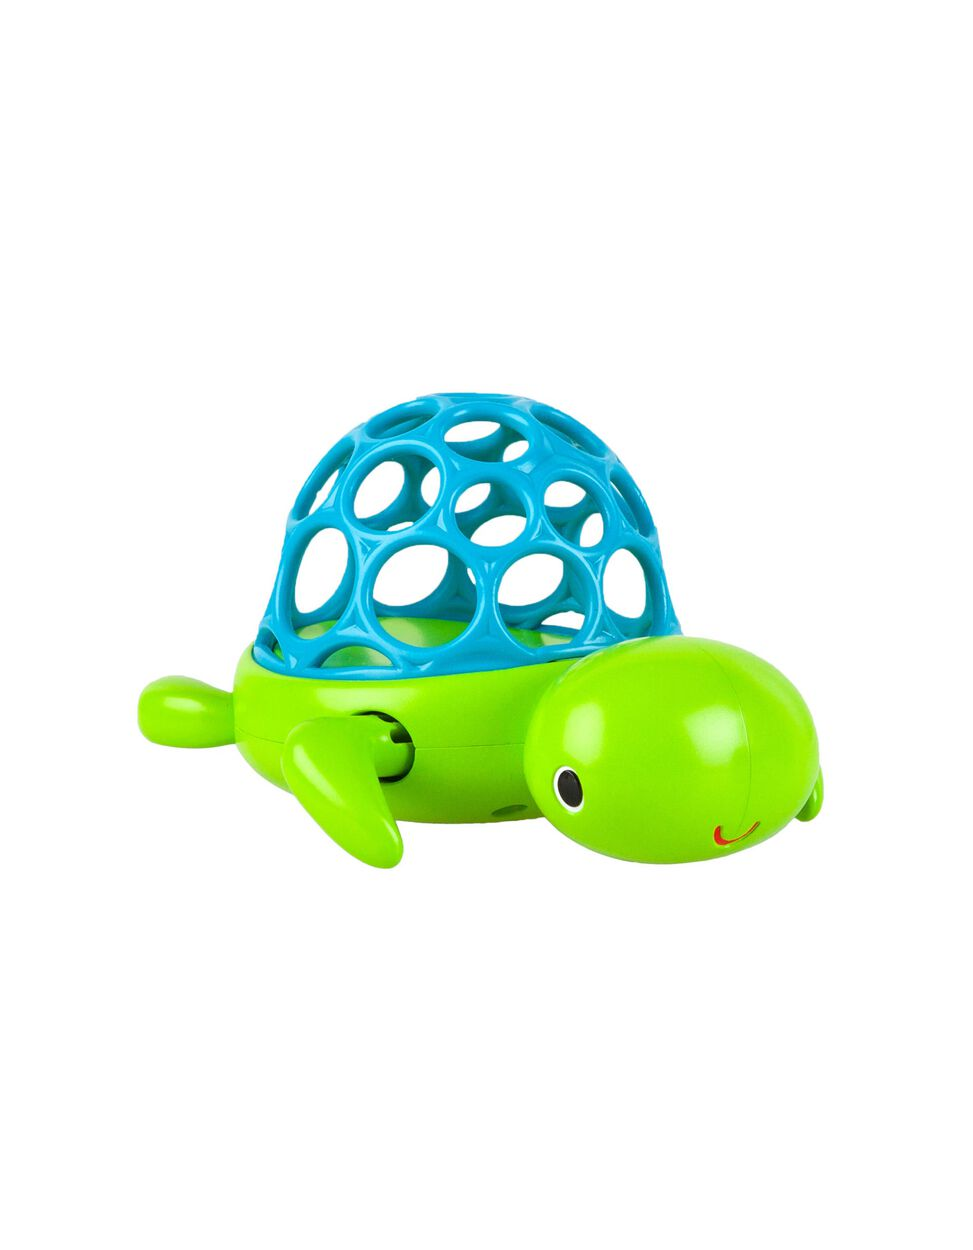 Brinquedo De Banho Oball